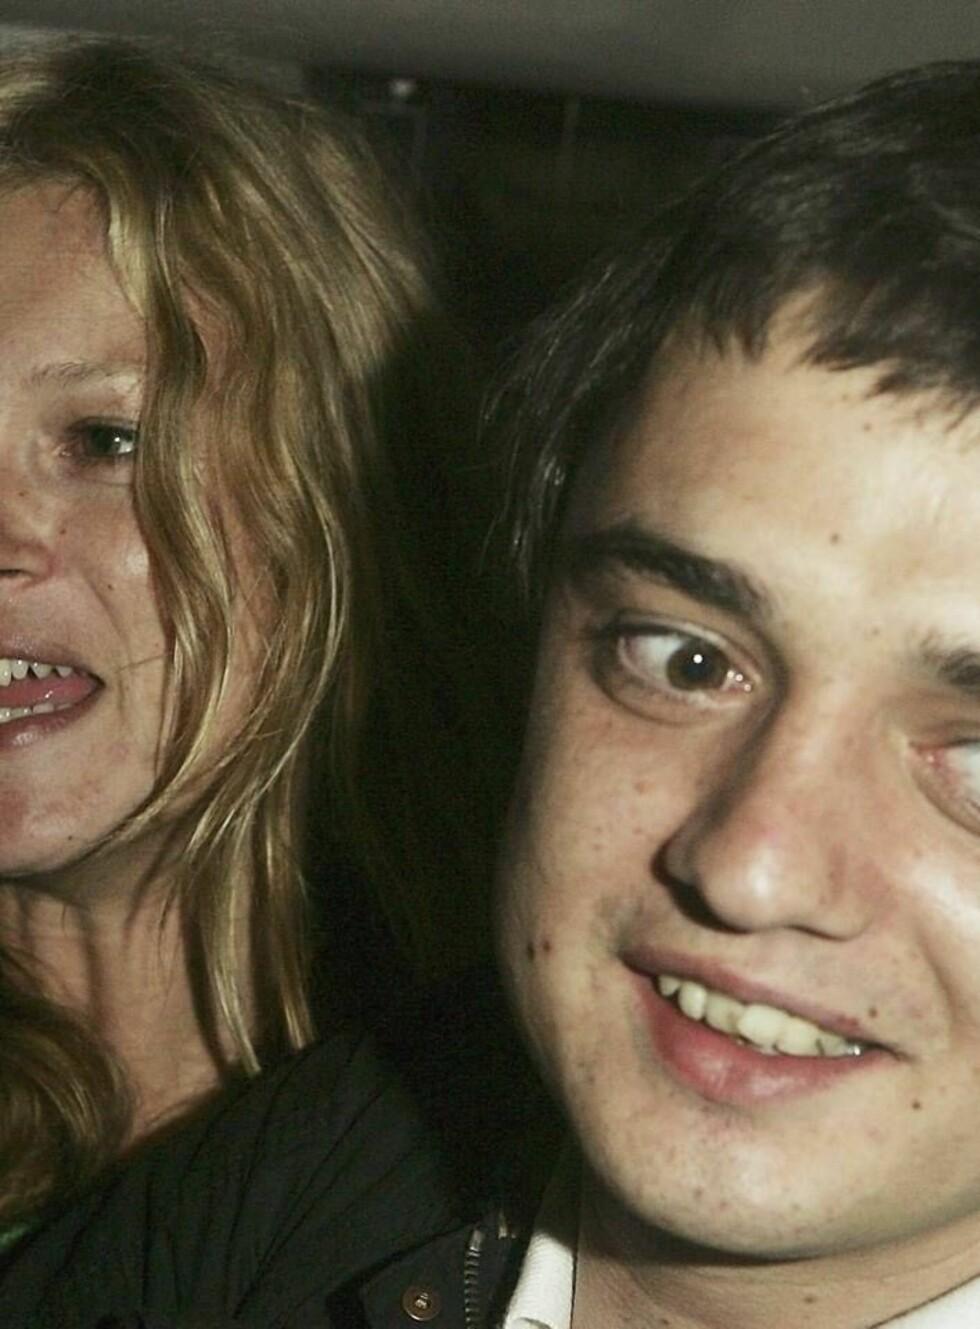 GIFTES: Supermodellen Kate Moss og Babyshambles-rockeren Pete Doherty skal ifølge flere kilder gifte seg fredag. Foto: All Over Press